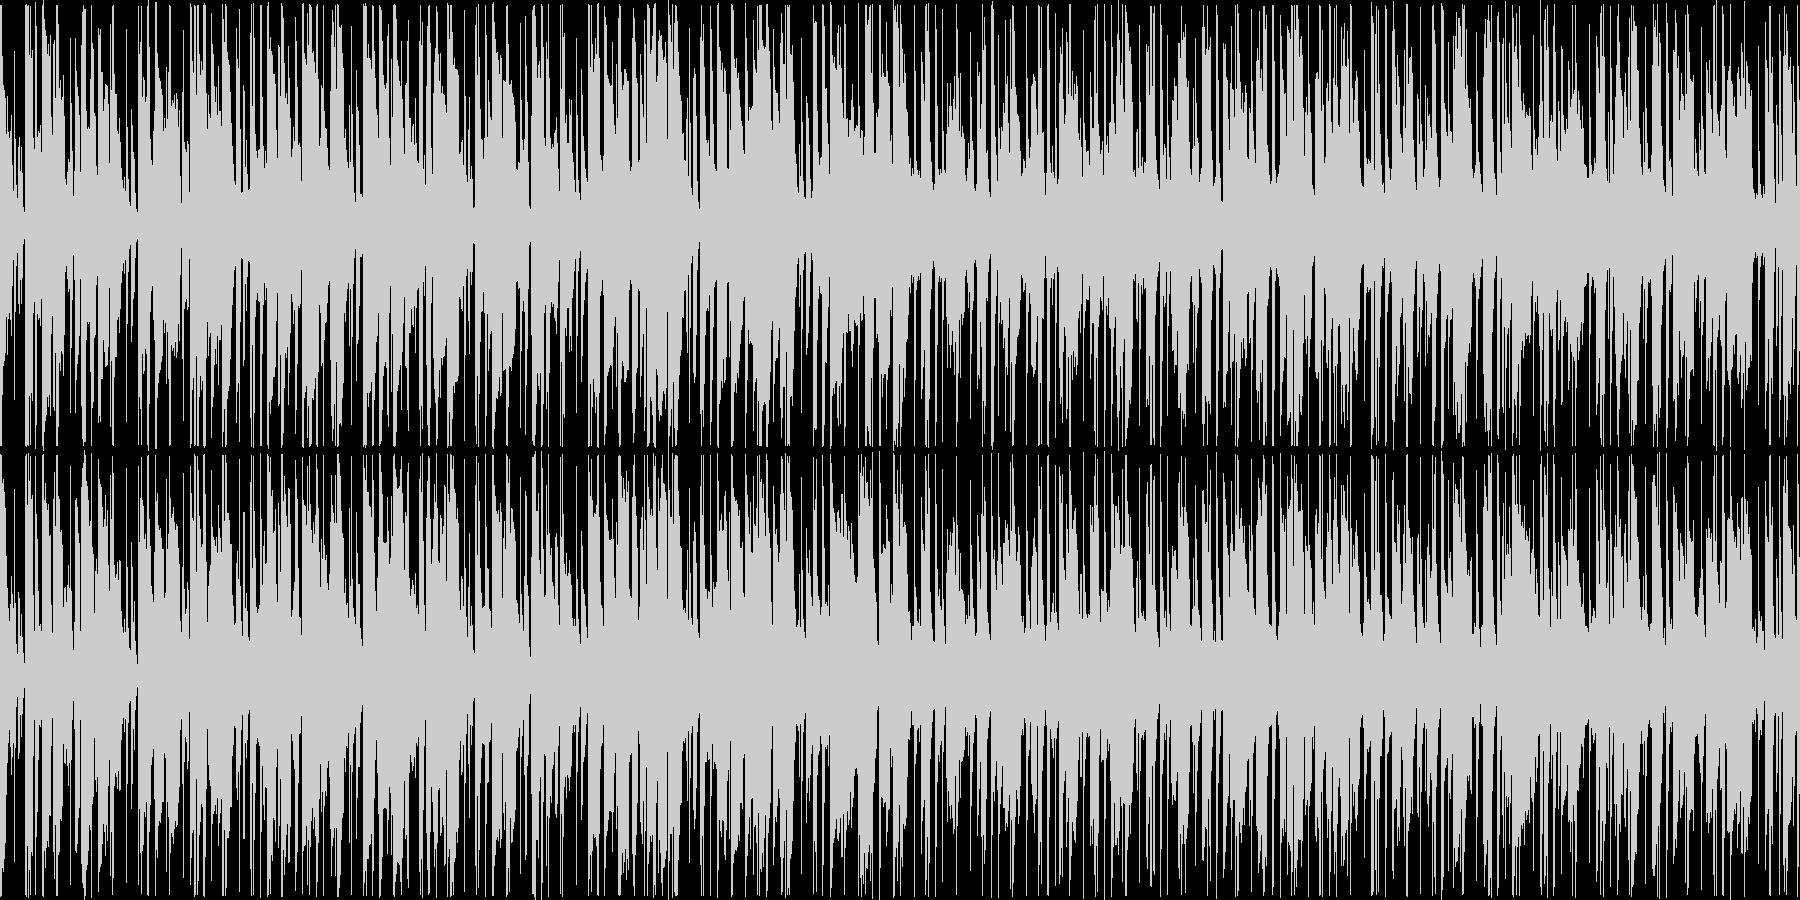 ファンキーギターが印象的スムースジャズ風の未再生の波形